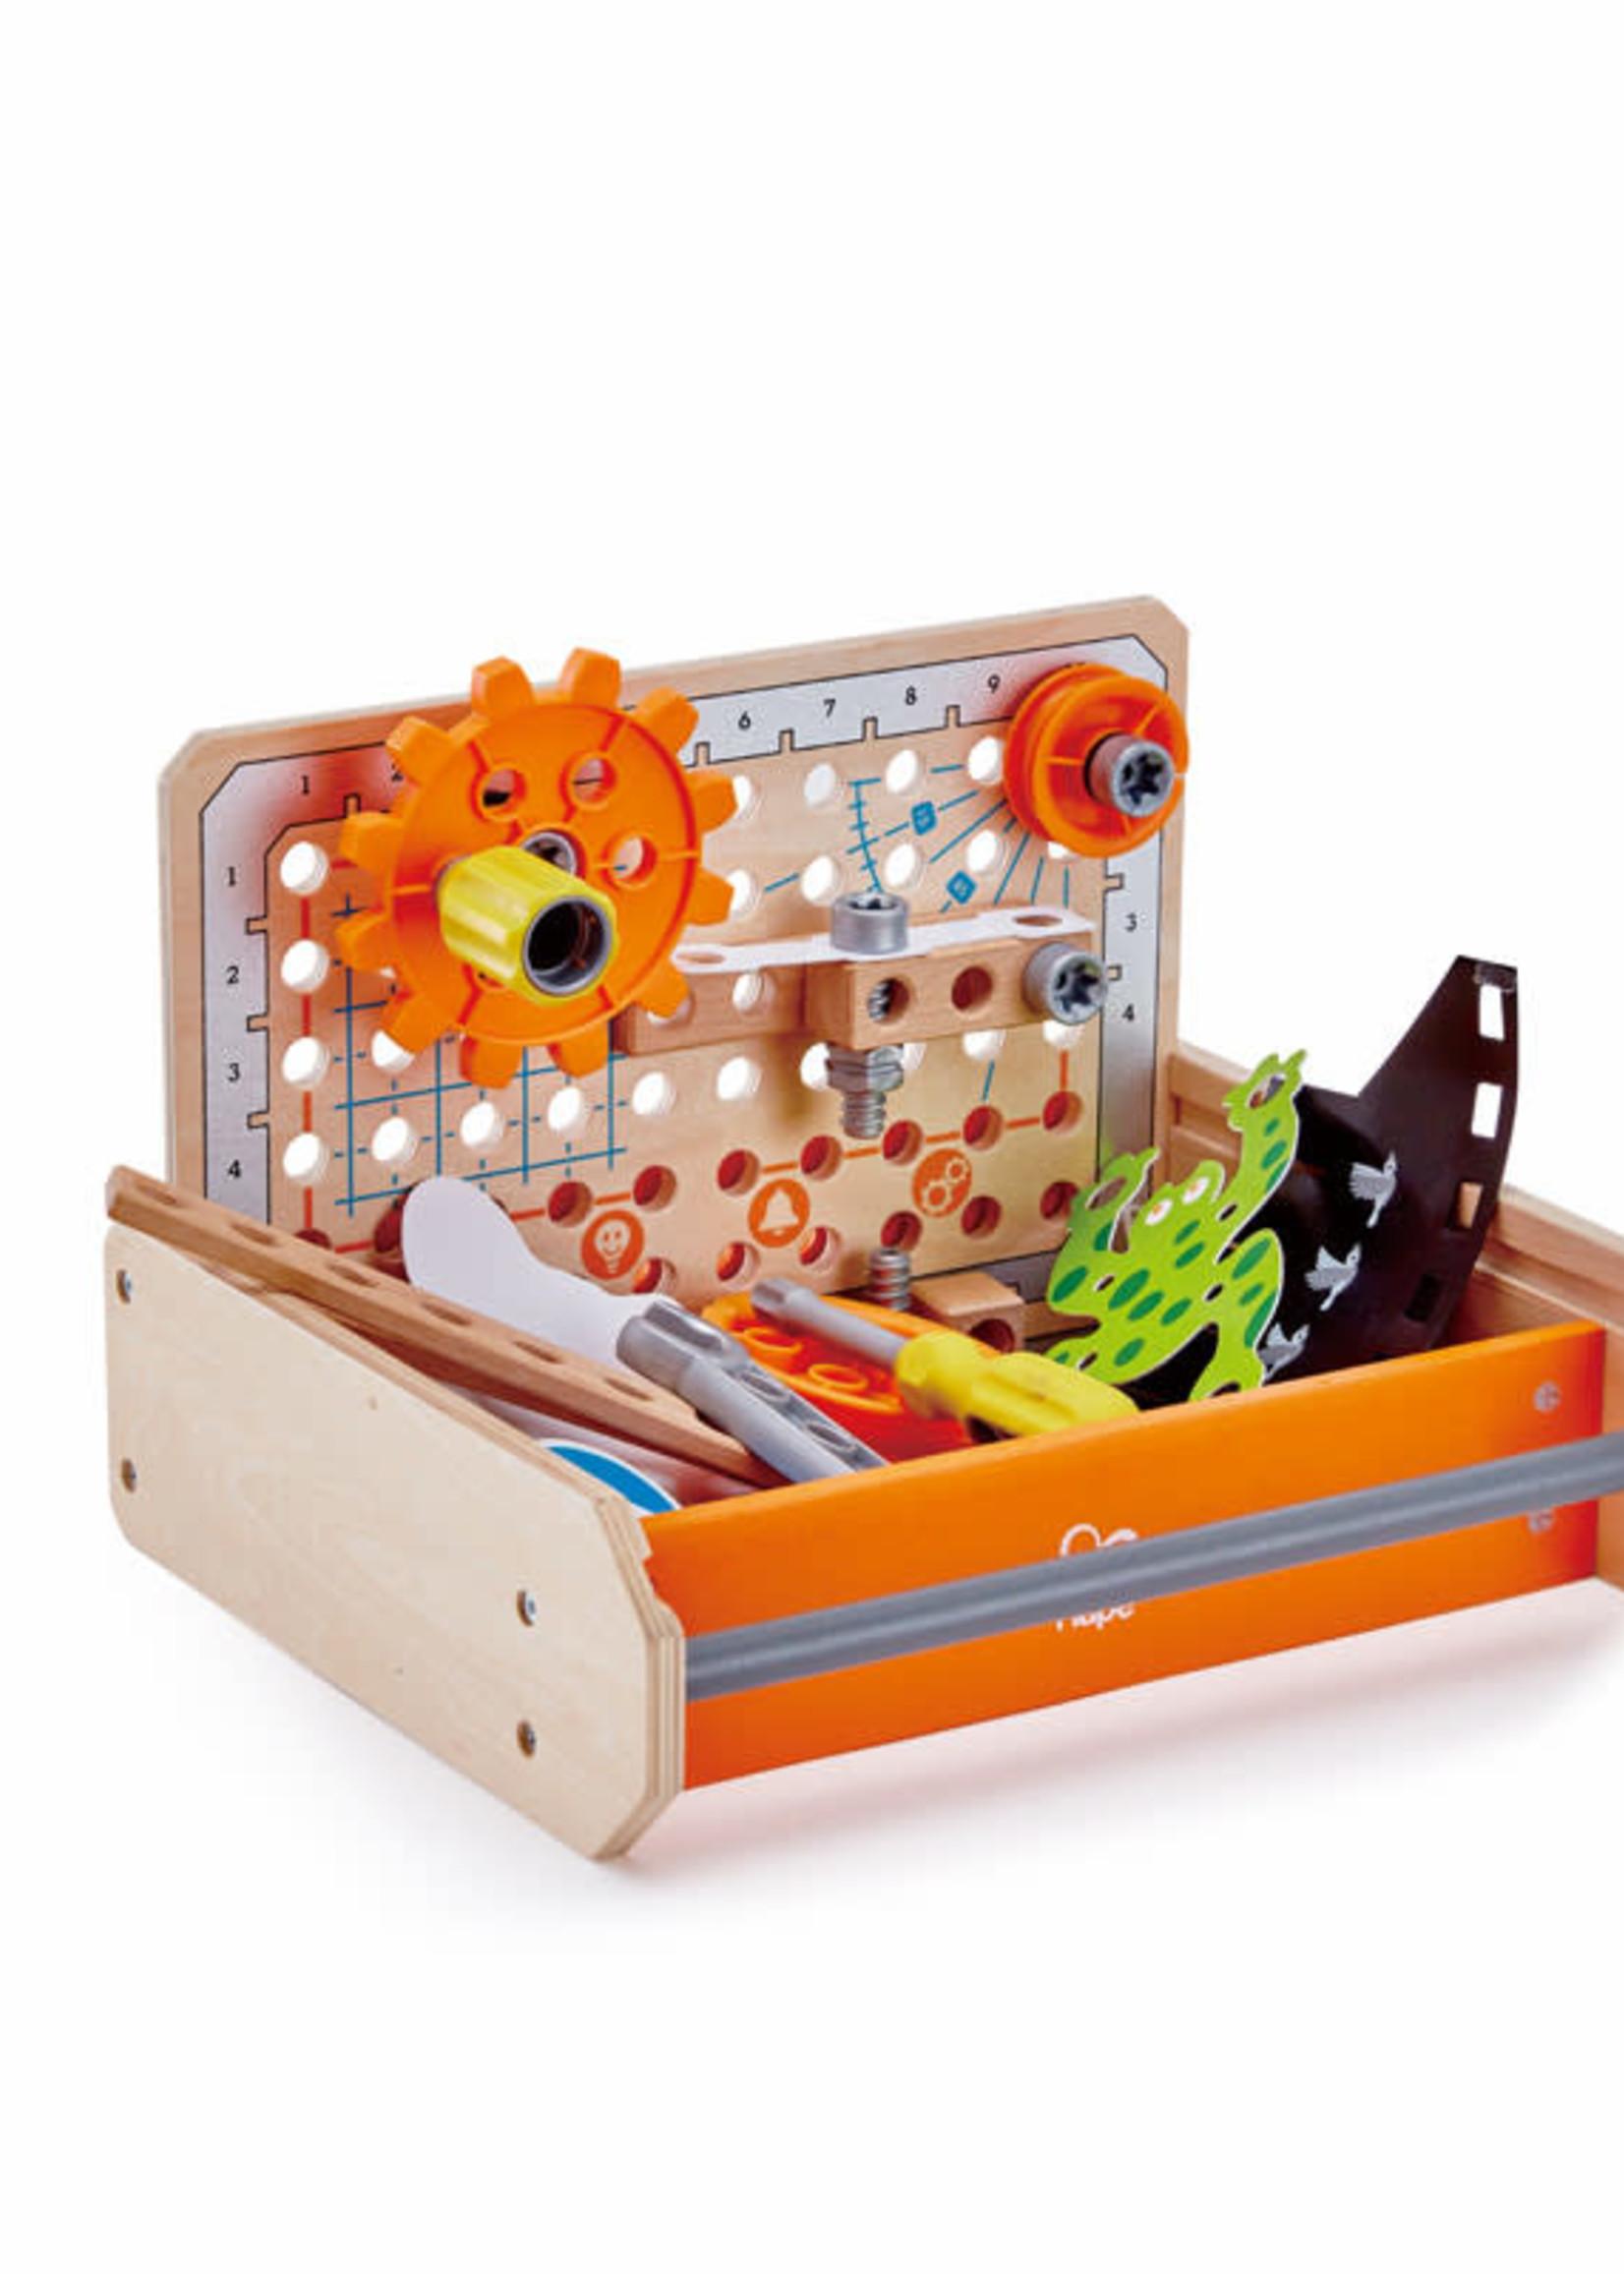 Hape Hape Science Experiment Toolbox